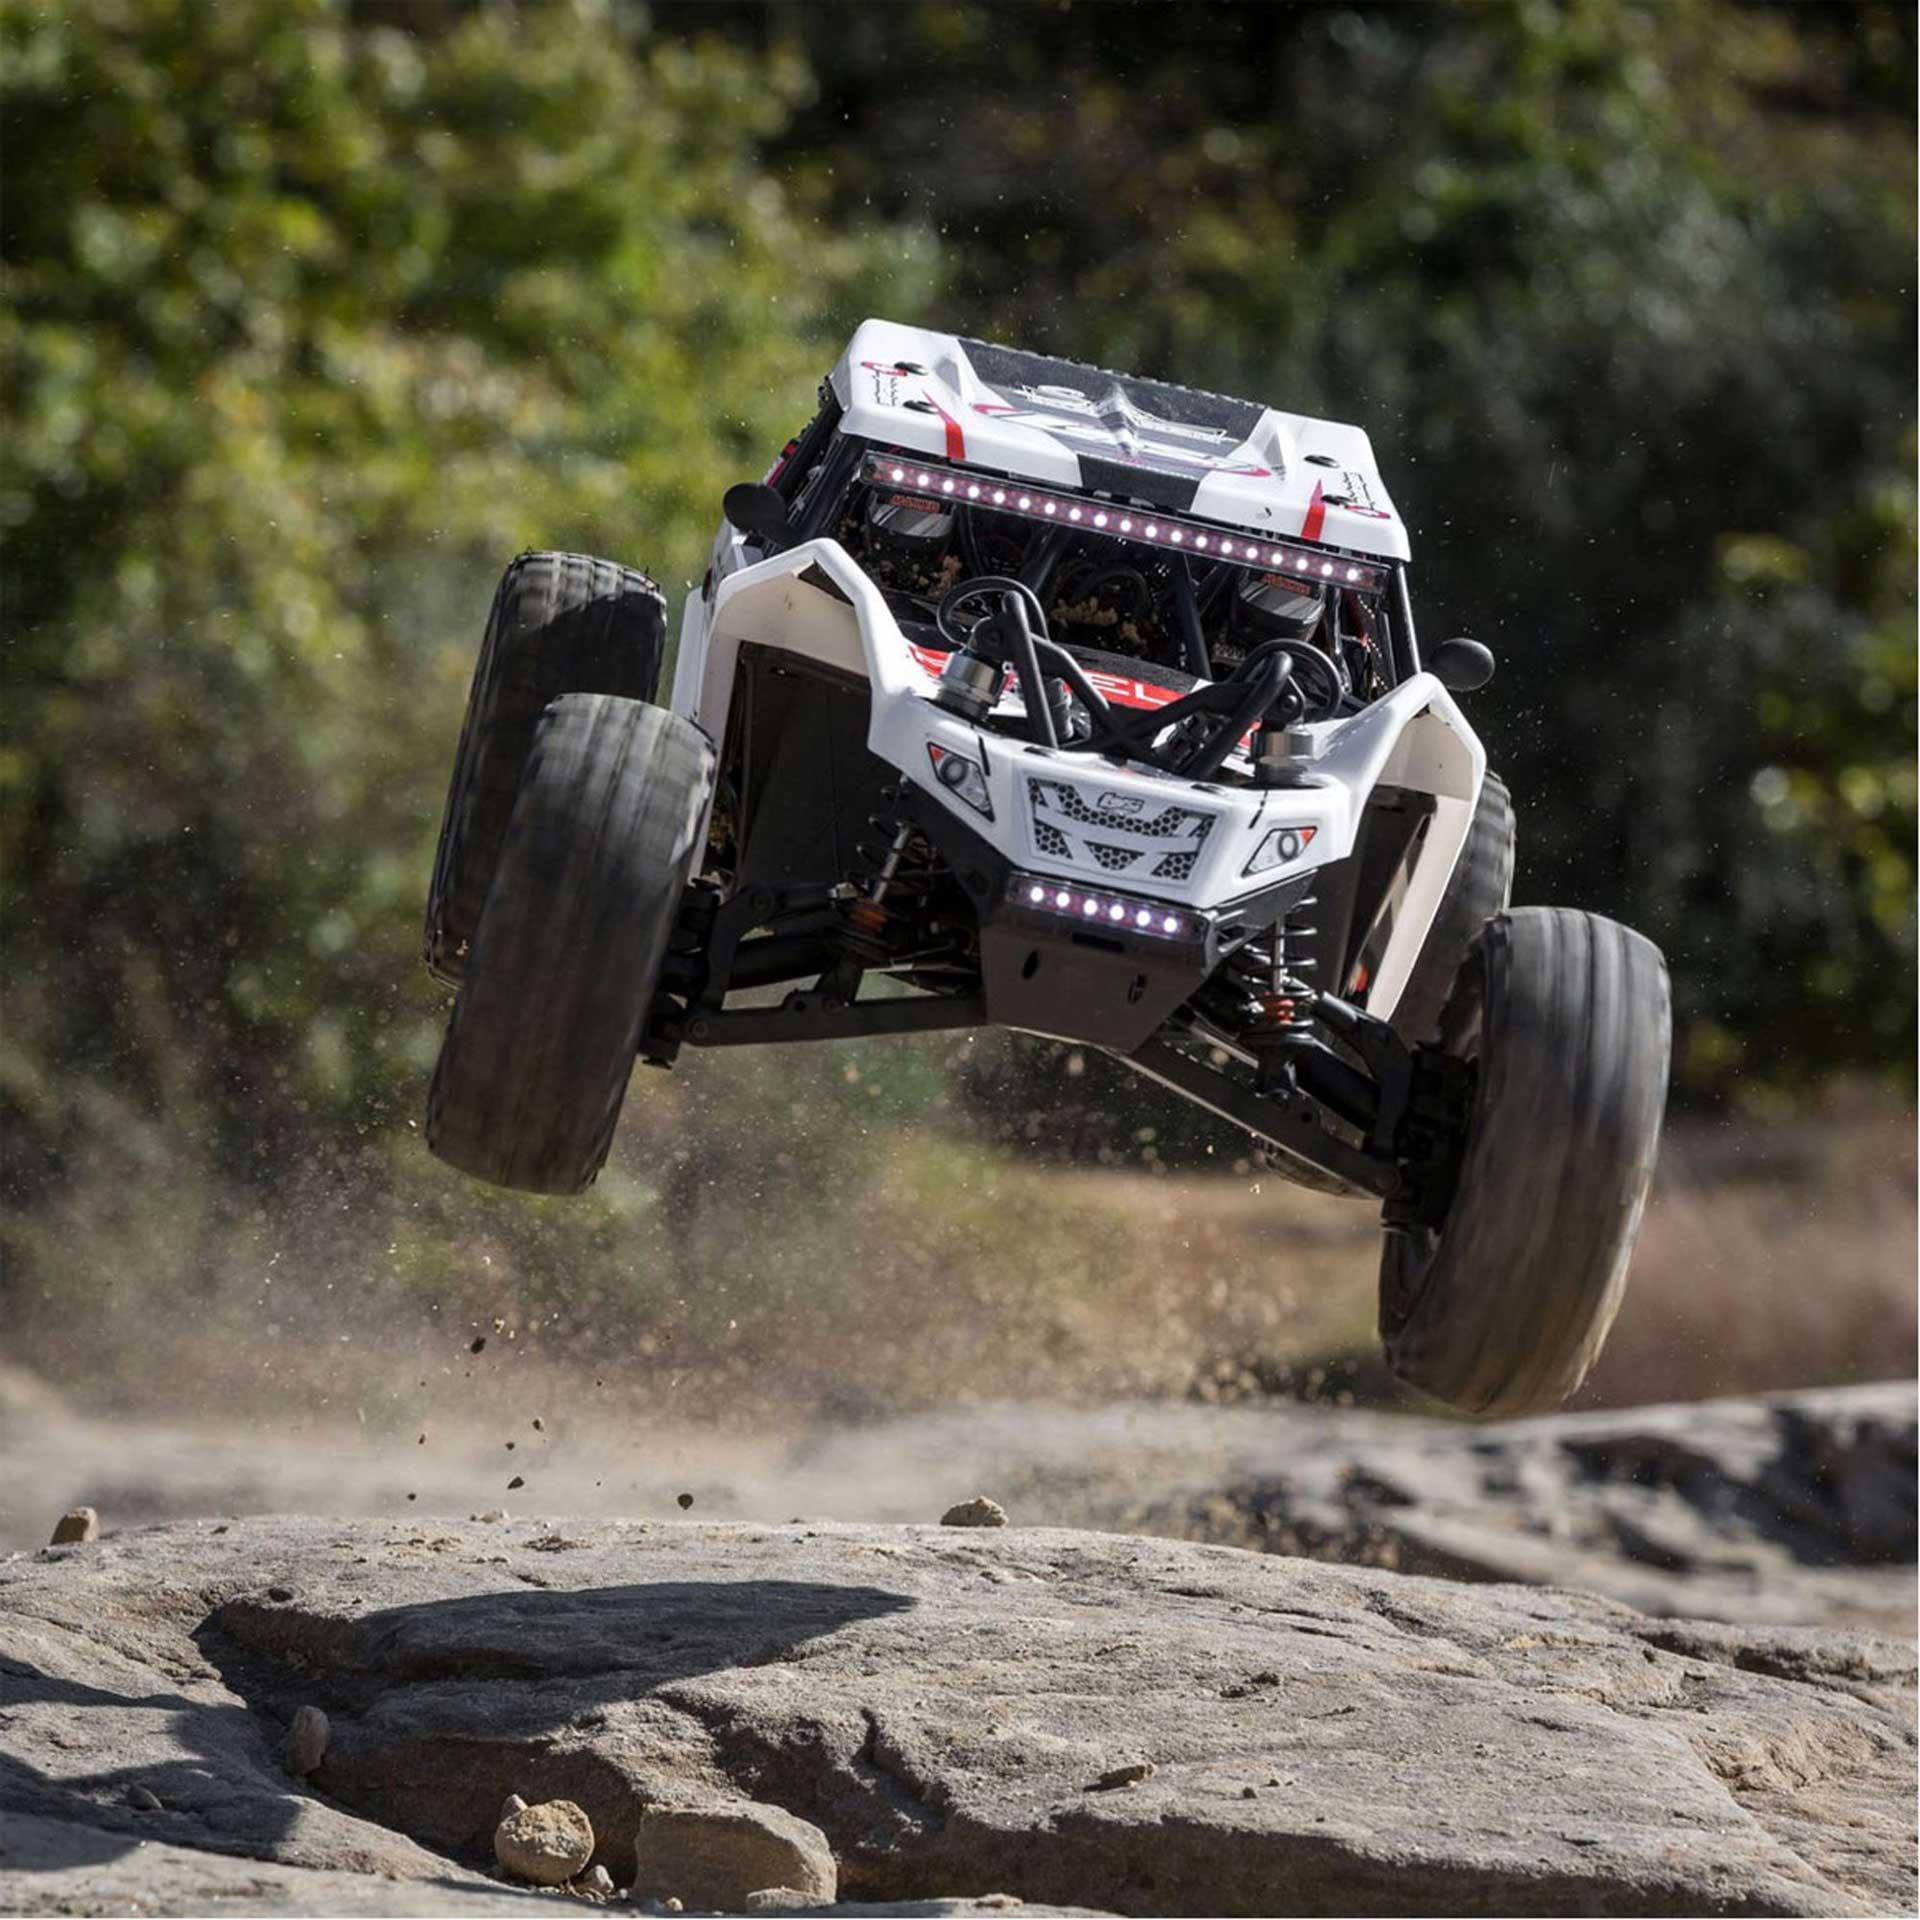 LOSI SUPER ROCK REY® AVC® 1/6 4WD RTR AVC ROCK RACER - RACELINE